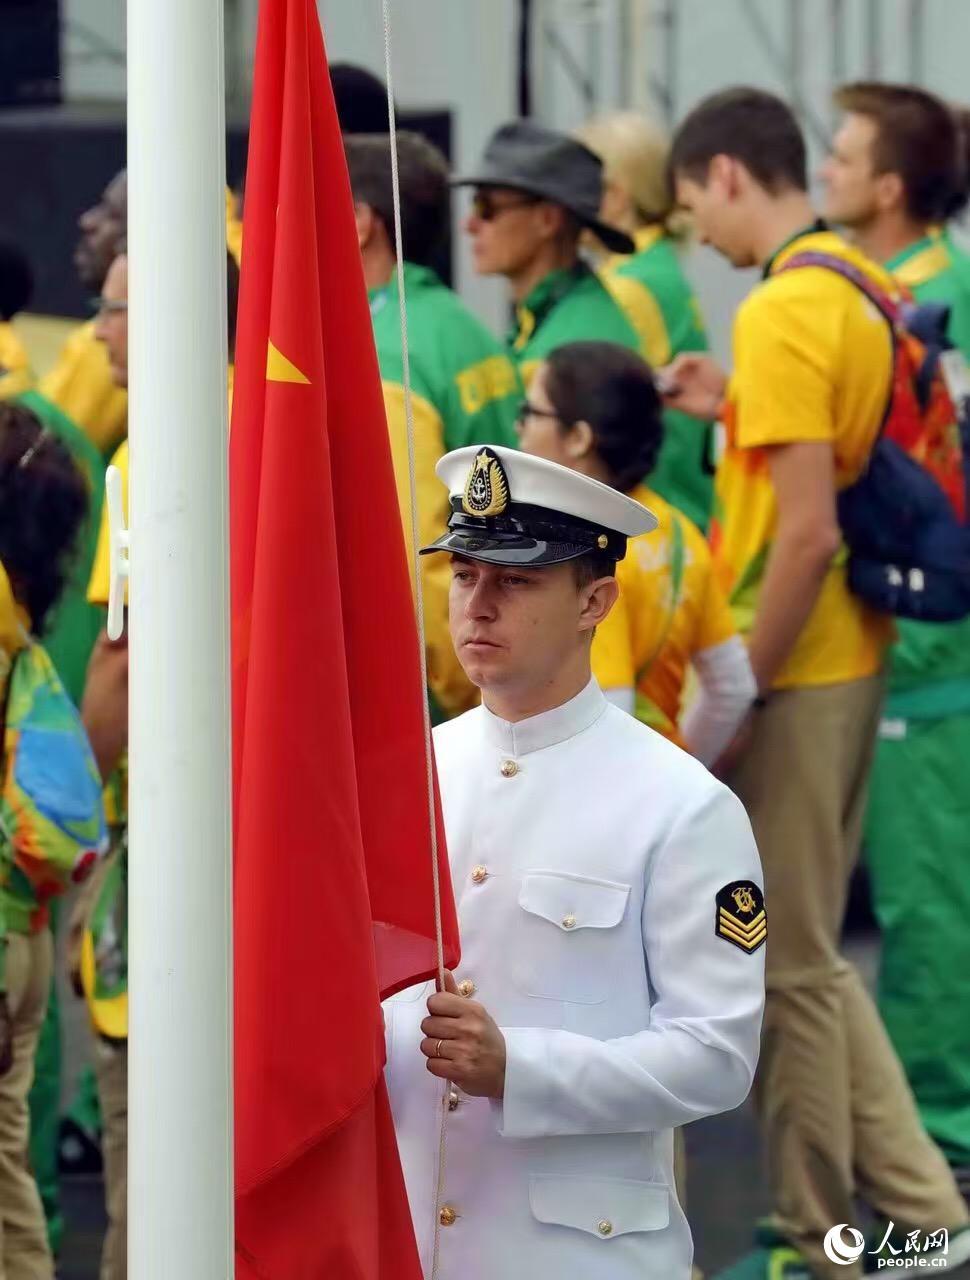 8月3日,中国代表团在巴西里约奥运村举行隆重的升旗仪式。记者 史家民摄